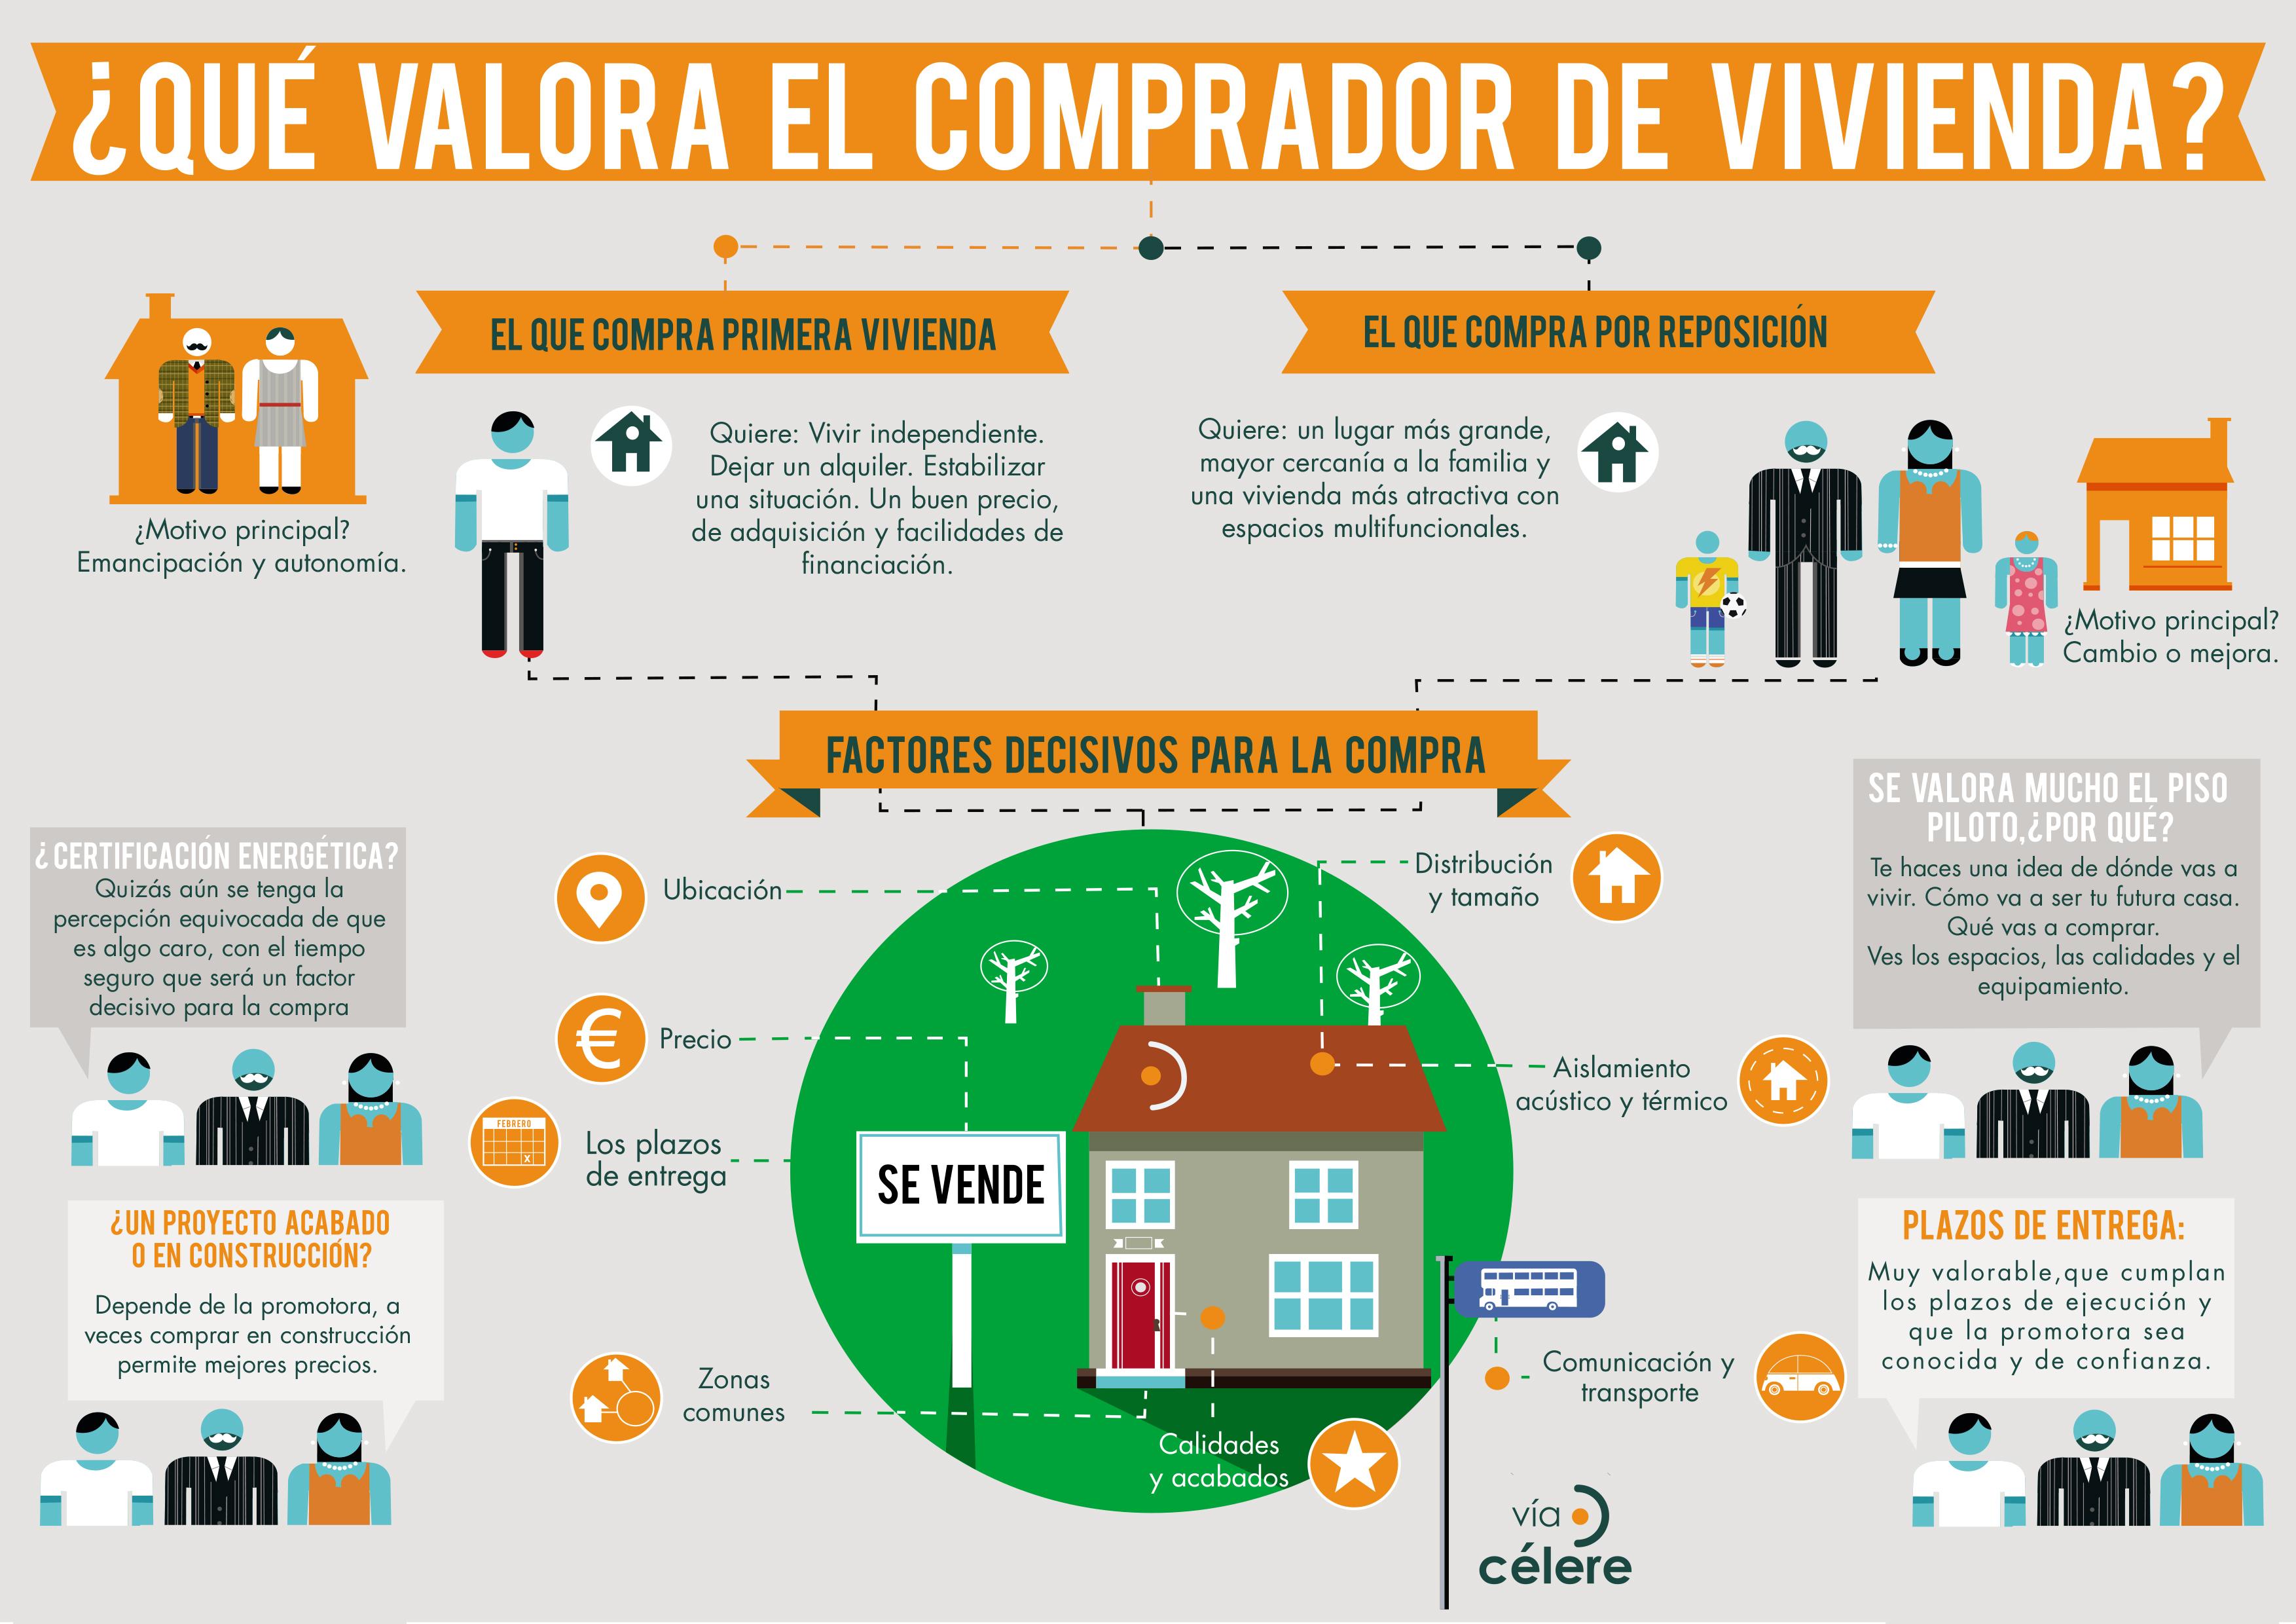 ¿Qué busca el comprador de vivienda? Precio, ubicación y calidades